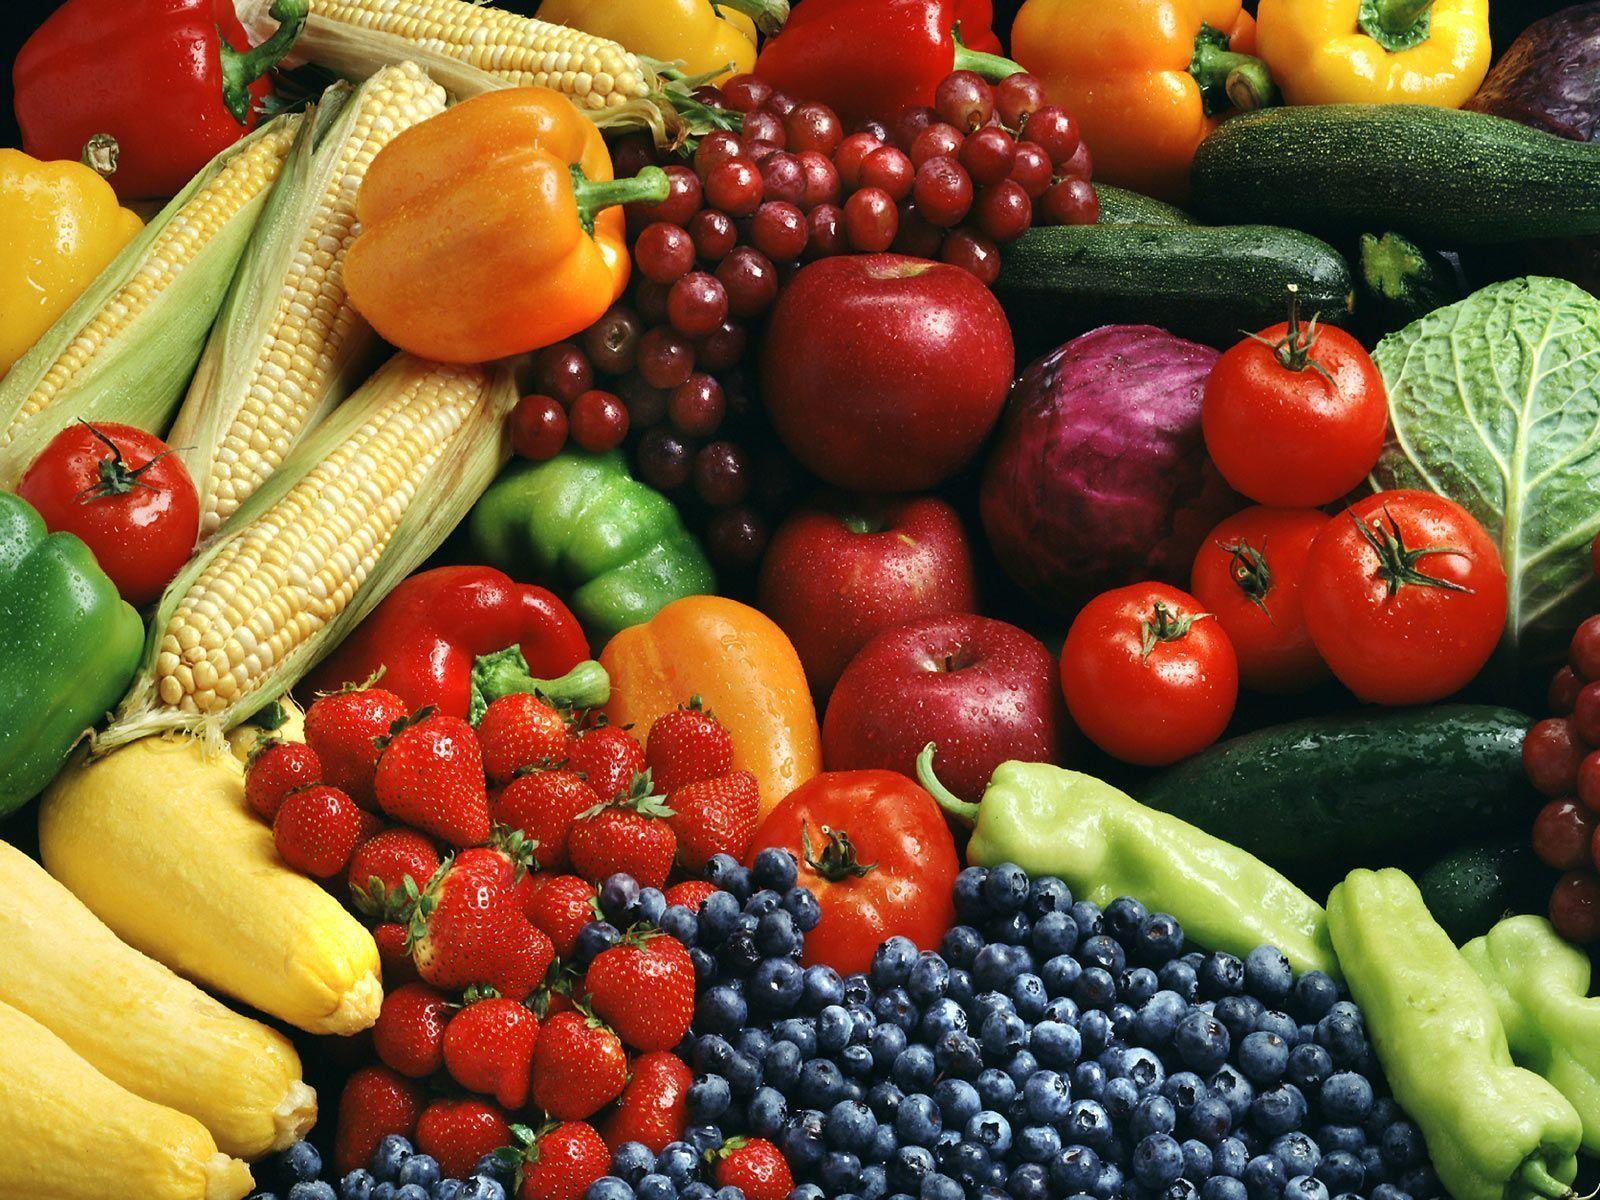 Sustancias tóxicas presentes en algunos alimentos